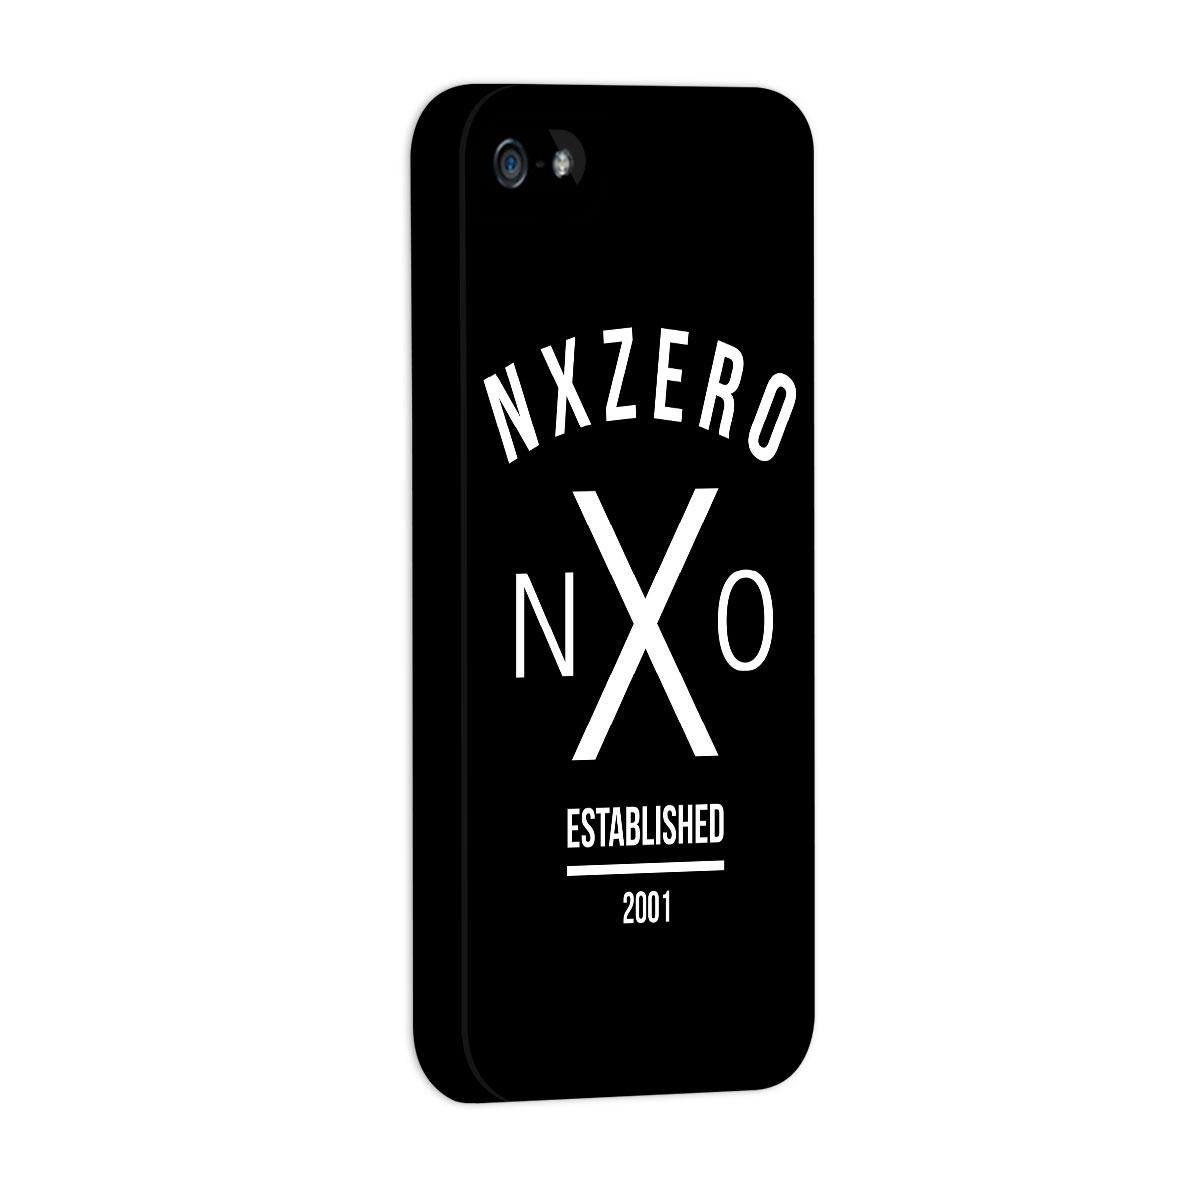 Capa de iPhone 5/5S NXZero NX0